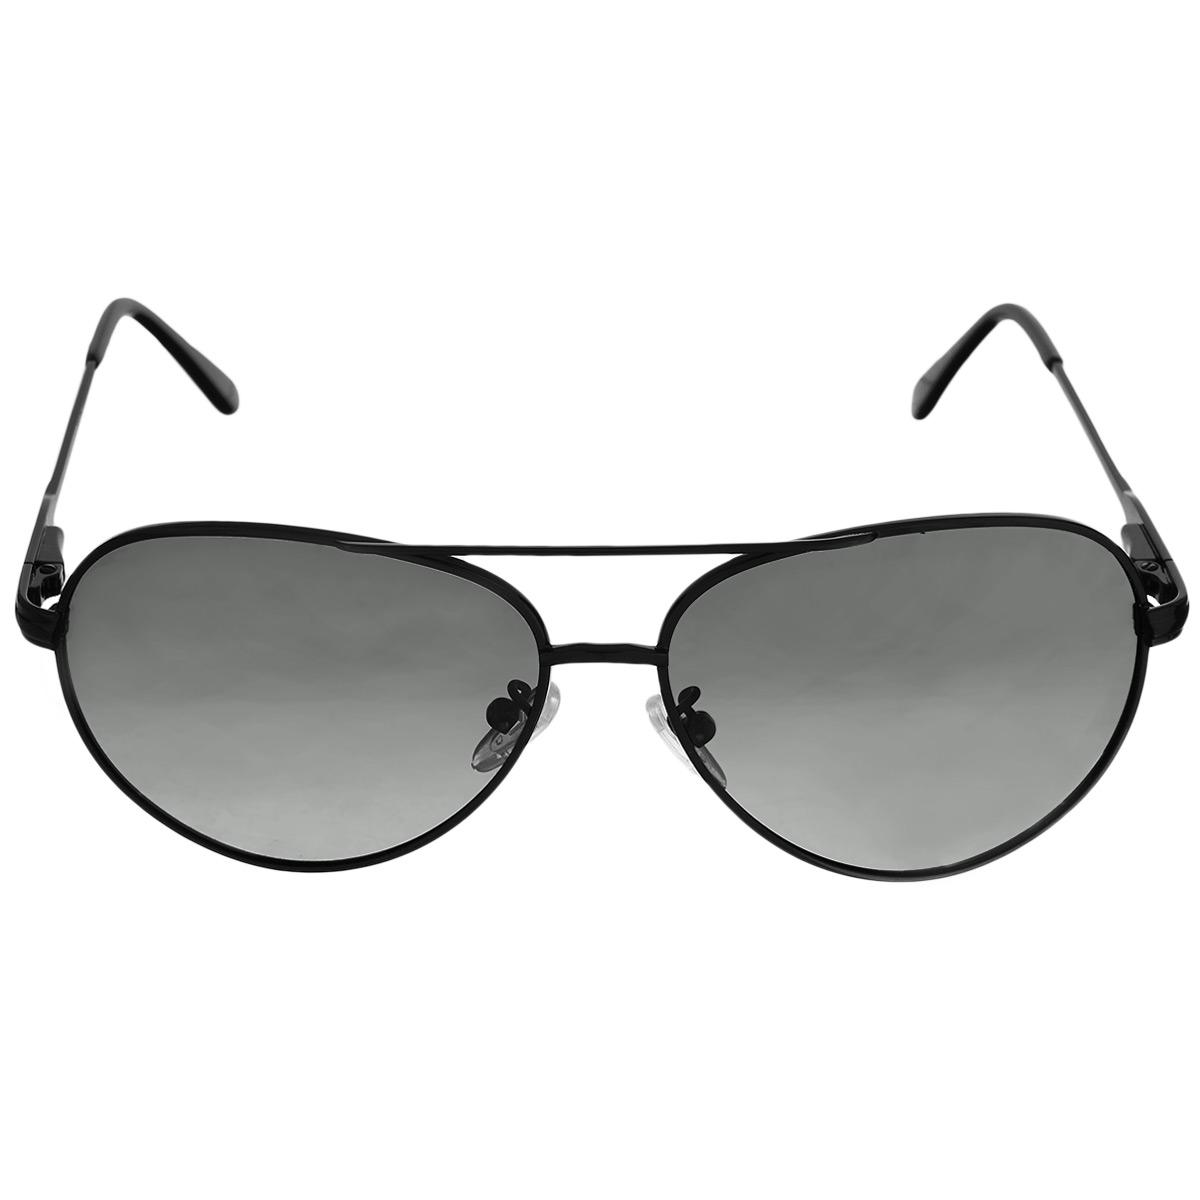 Солнцезащитные очки мужские Selena, цвет: черный. 8003180180031801Солнцезащитные мужские очки Selena, выполненные с линзами из высококачественного пластика PC с зеркальным эффектом fresh mirror. Используемый пластик не искажает изображение, не подвержен нагреванию и вредному воздействию солнечных лучей. Линзы данных очков с высокоэффективным UV-фильтром обеспечивают полную защиту от ультрафиолетовых лучей. Металлическая оправа очков легкая, прилегающей формы и поэтому не создает никакого дискомфорта. Такие очки защитят глаза от ультрафиолетовых лучей, подчеркнут вашу индивидуальность и сделают ваш образ завершенным.